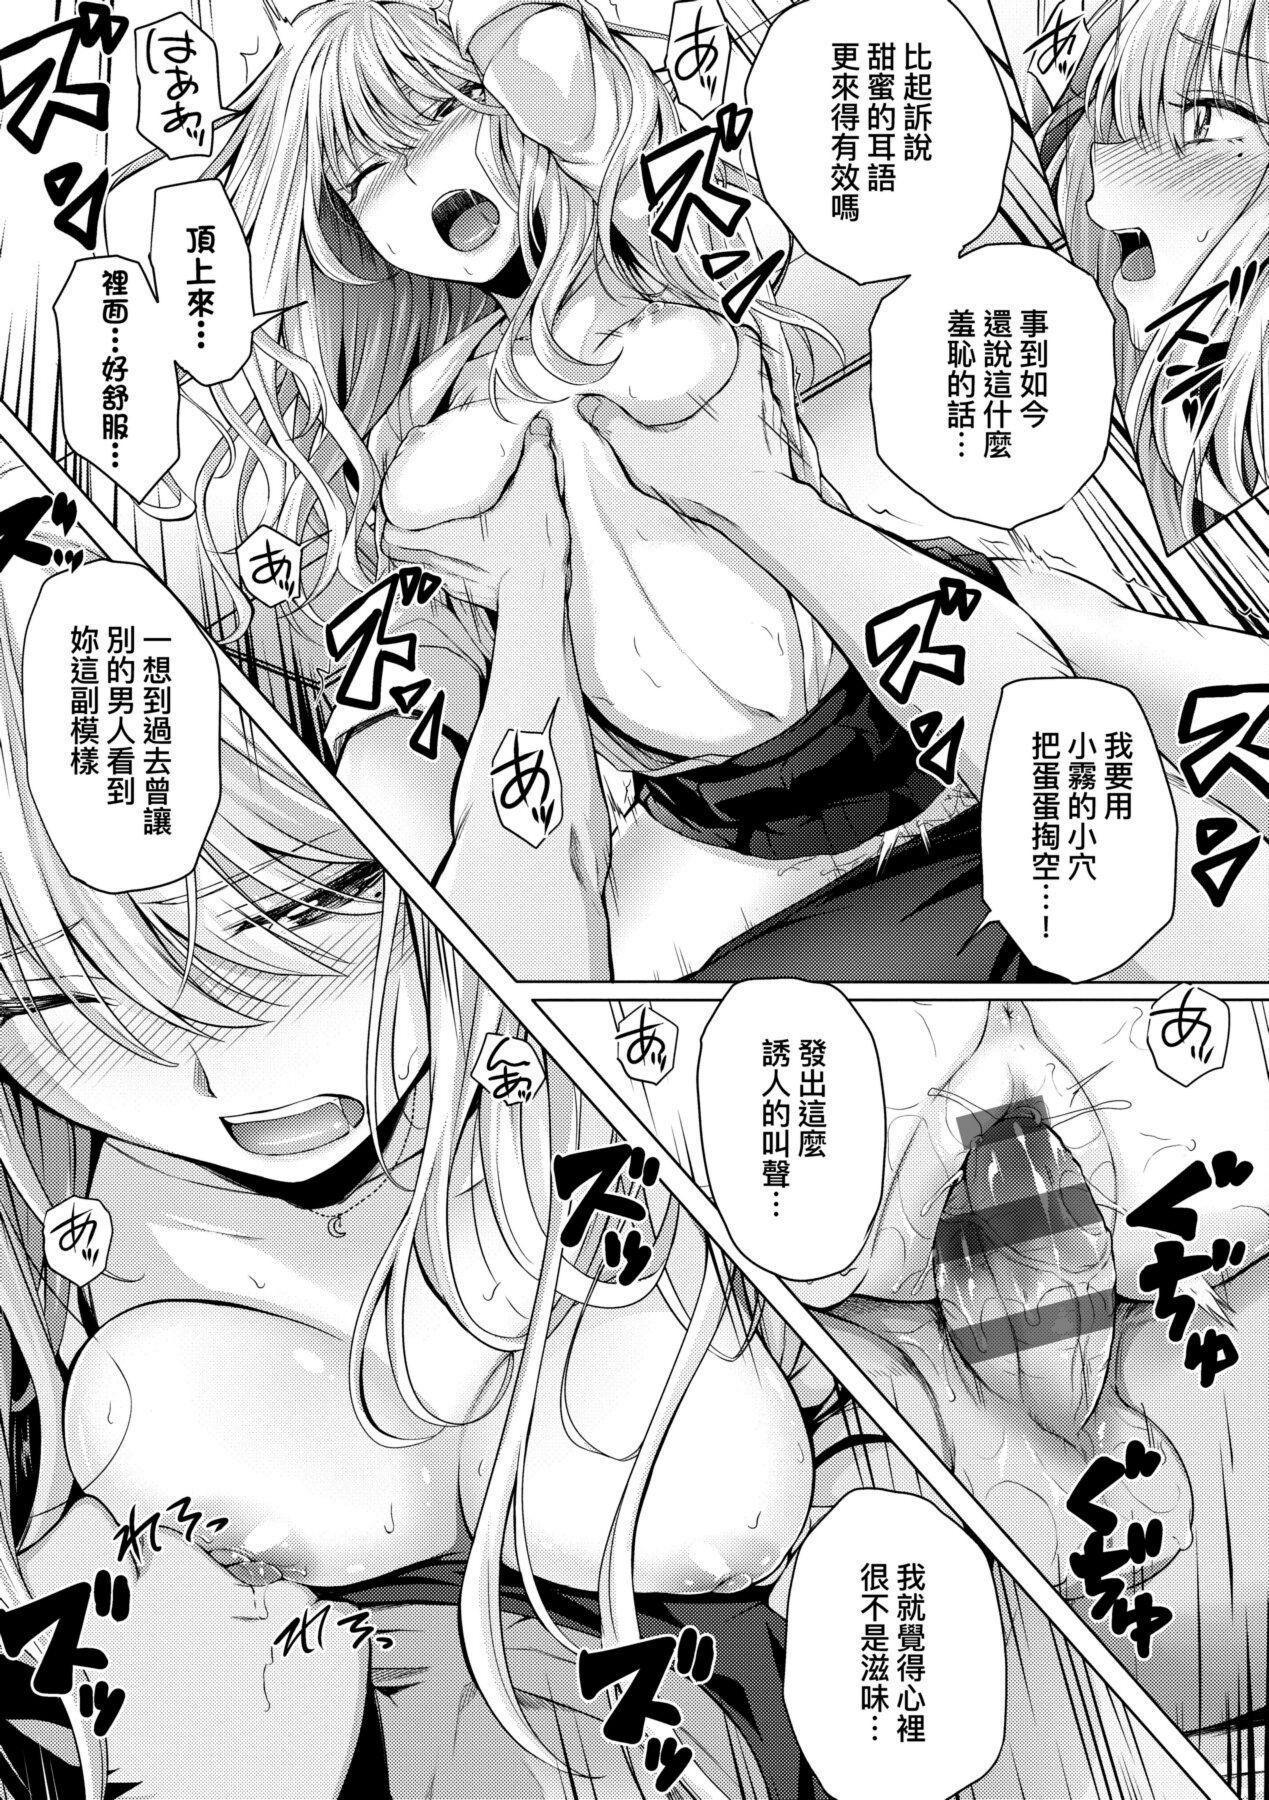 Hatsukoi Jikan. 233